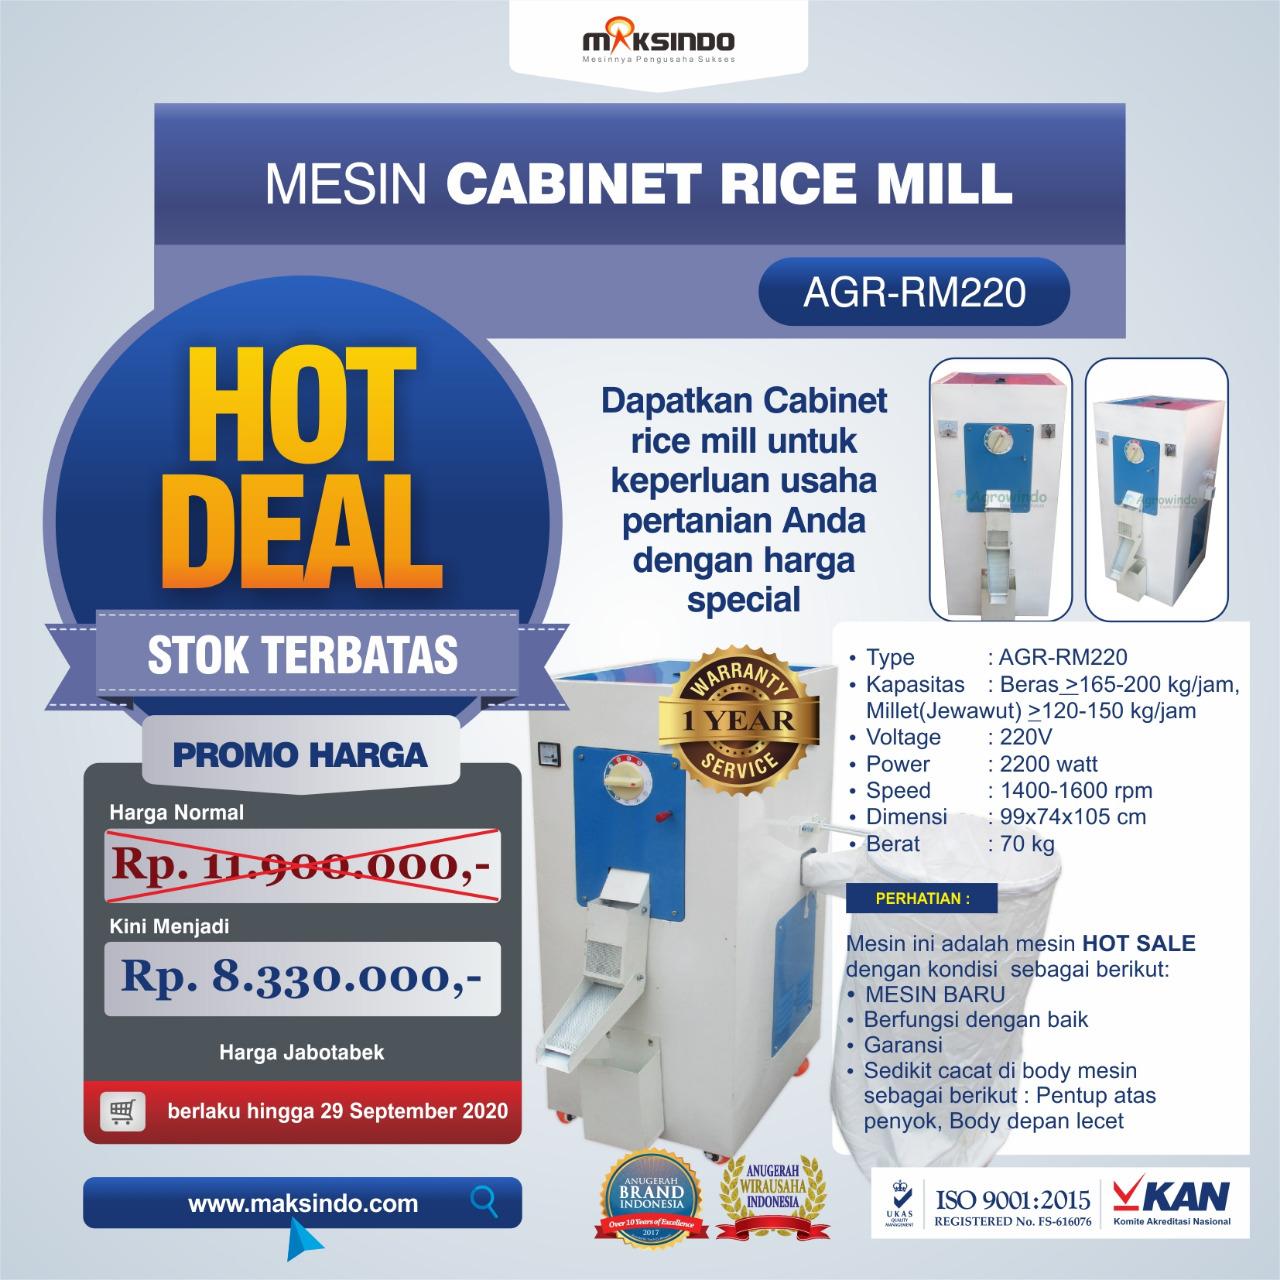 Jual Mesin Cabinet Rice Mill AGR-RM220 di Pekanbaru